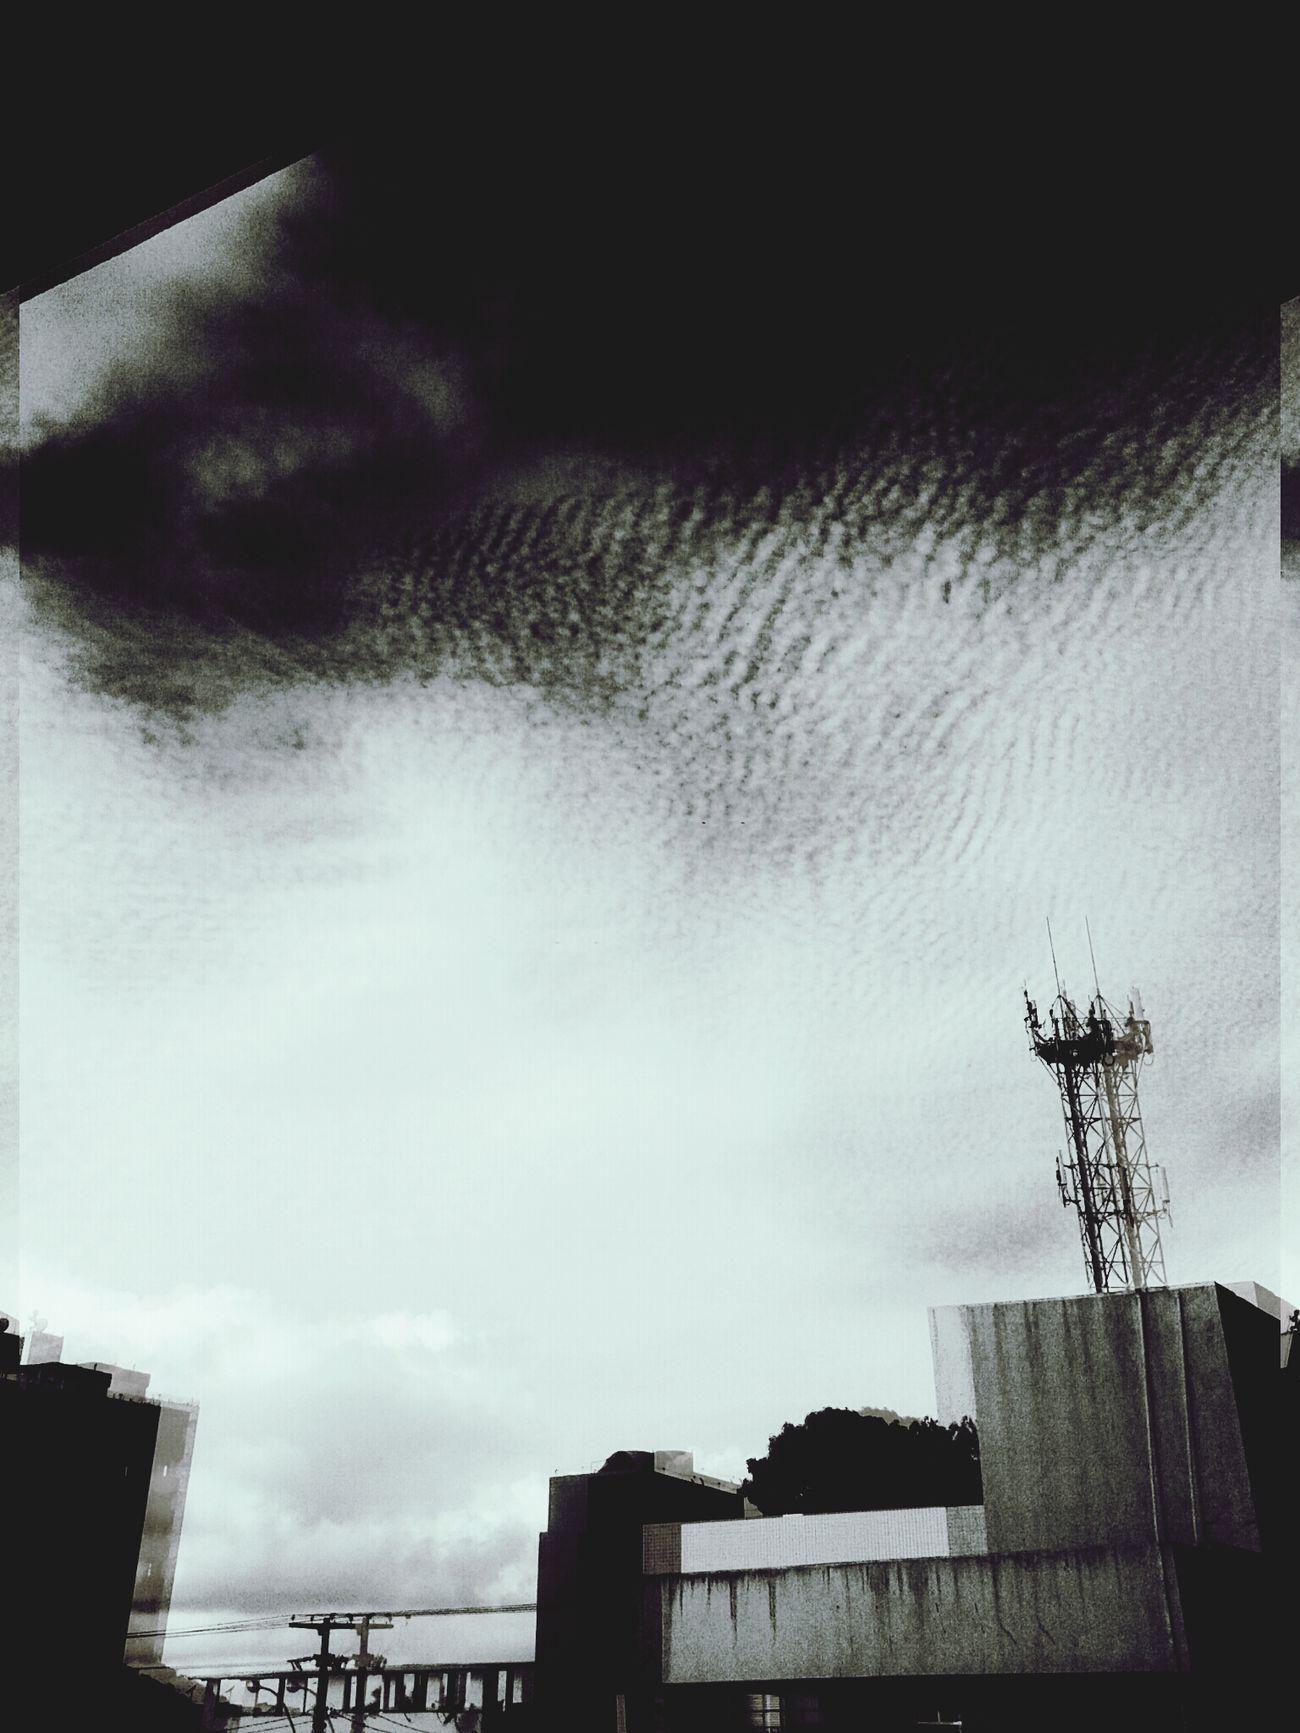 Monochrome Monophotography Pretoebranco psicoldelia Ecstasy